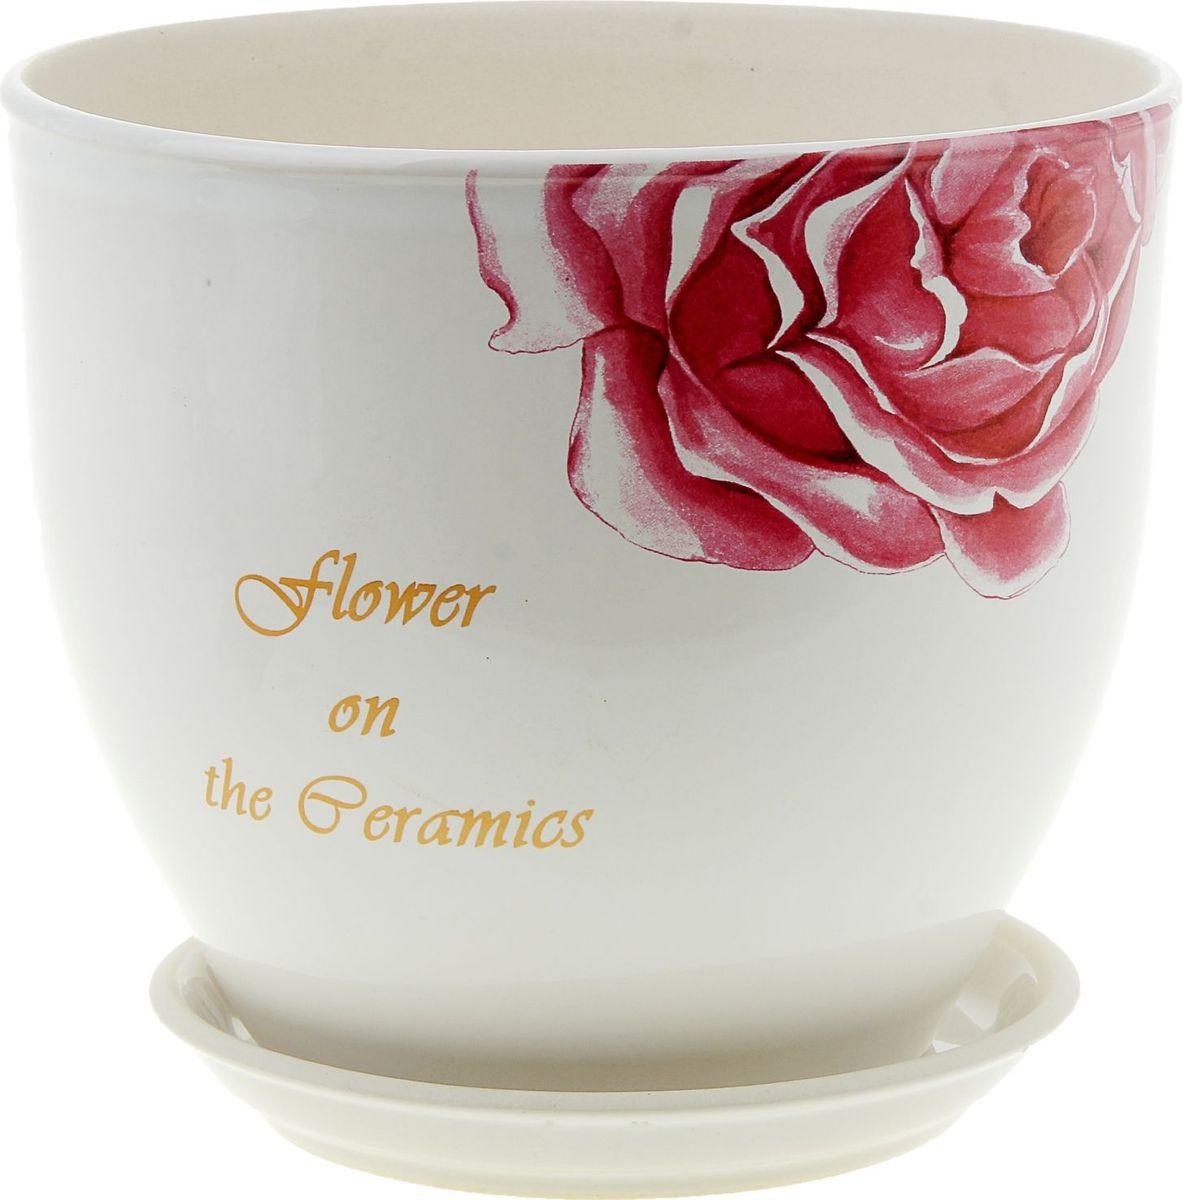 Кашпо Керамика ручной работы Виктор. Роза, цвет: белый, 4 л835552Комнатные растения — всеобщие любимцы. Они радуют глаз, насыщают помещение кислородом и украшают пространство. Каждому из них необходим свой удобный и красивый дом. Кашпо из керамики прекрасно подходят для высадки растений: за счет пластичности глины и разных способов обработки существует великое множество форм и дизайнов пористый материал позволяет испаряться лишней влаге воздух, необходимый для дыхания корней, проникает сквозь керамические стенки! Кашпо Керамика ручной работы Виктор. Роза позаботится о зеленом питомце, освежит интерьер и подчеркнет его стиль.